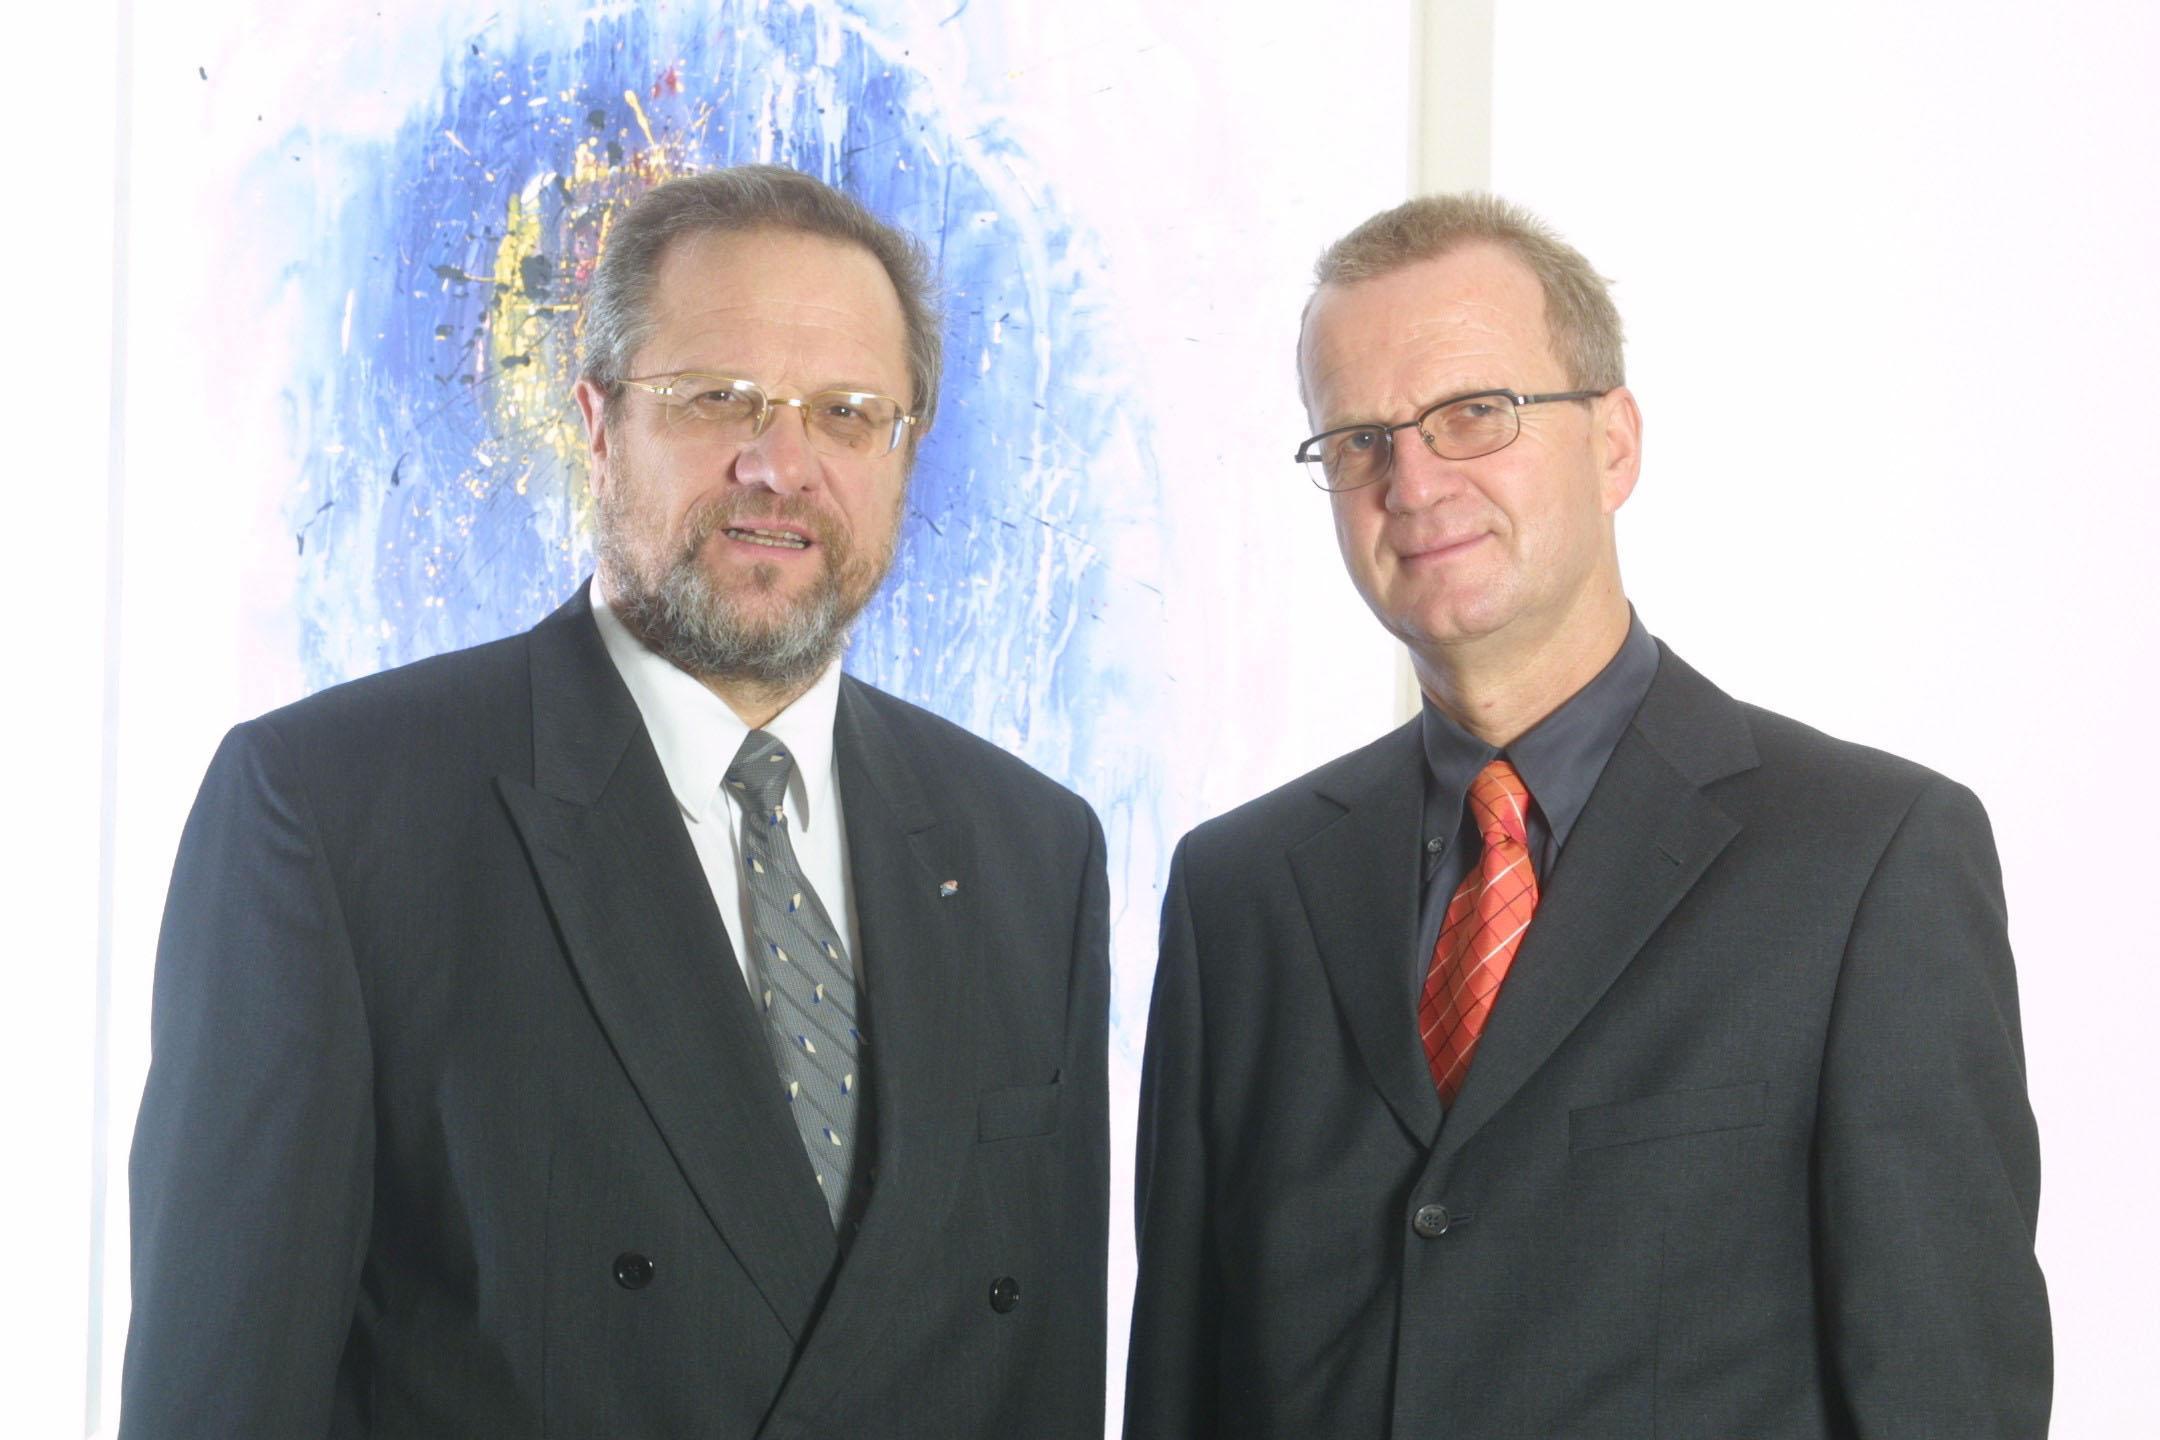 Bild zu OTS - Die Geschäftsführung der VERBUND-Austrian Thermal Power GmbH & Co KG vormals AG (ATP). Im Bild vlnr:  Dipl.-Ing. Anton Smolak  und Dr. Oswin Kois